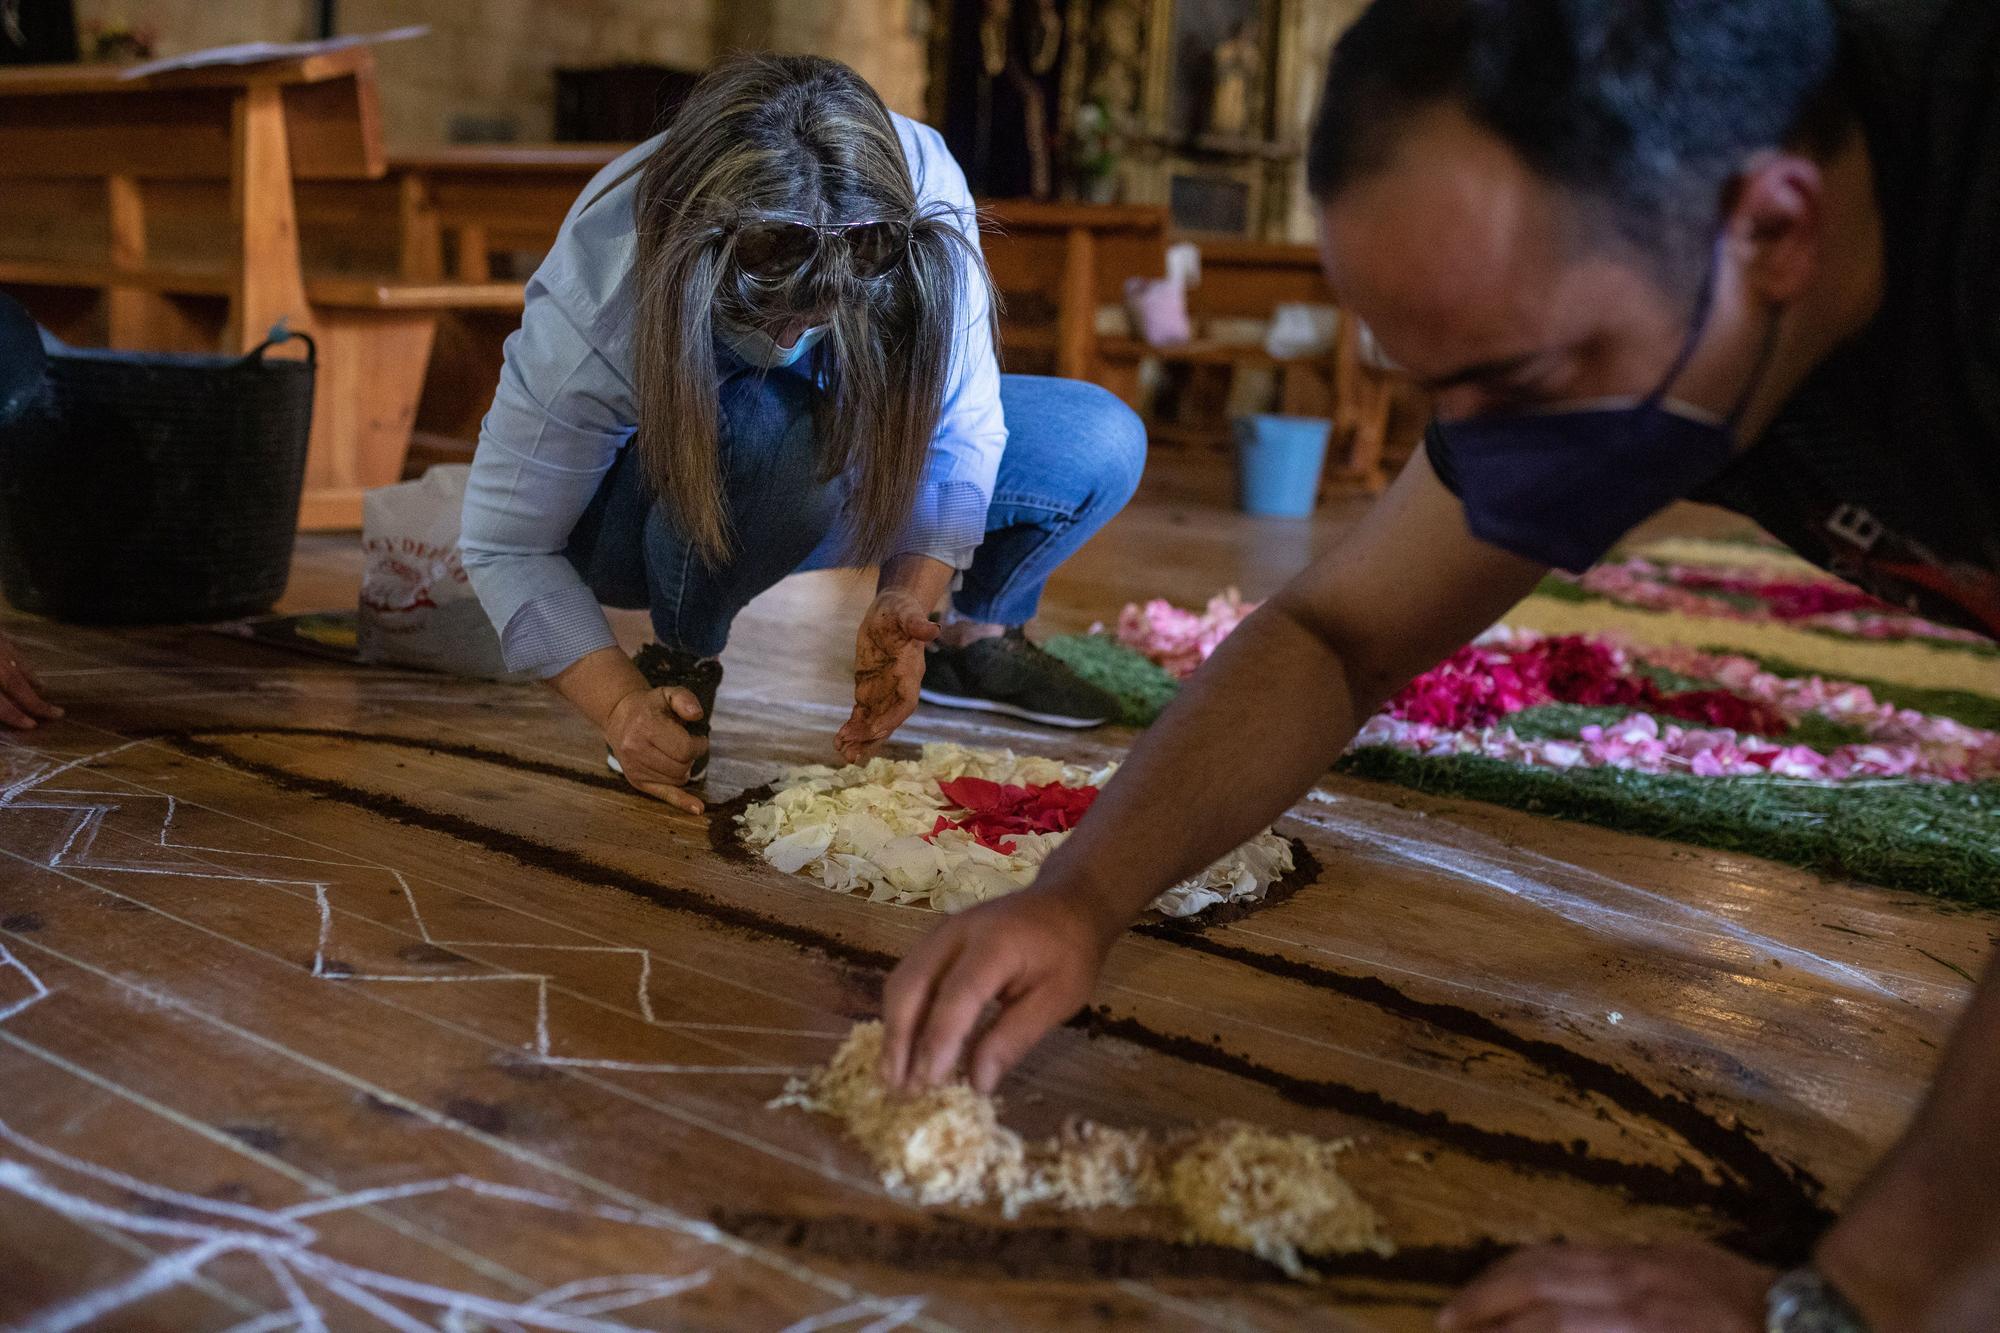 GALERÍA | El Perdigón, en Zamora, prepara la alfombra de flores del Corpus Christi